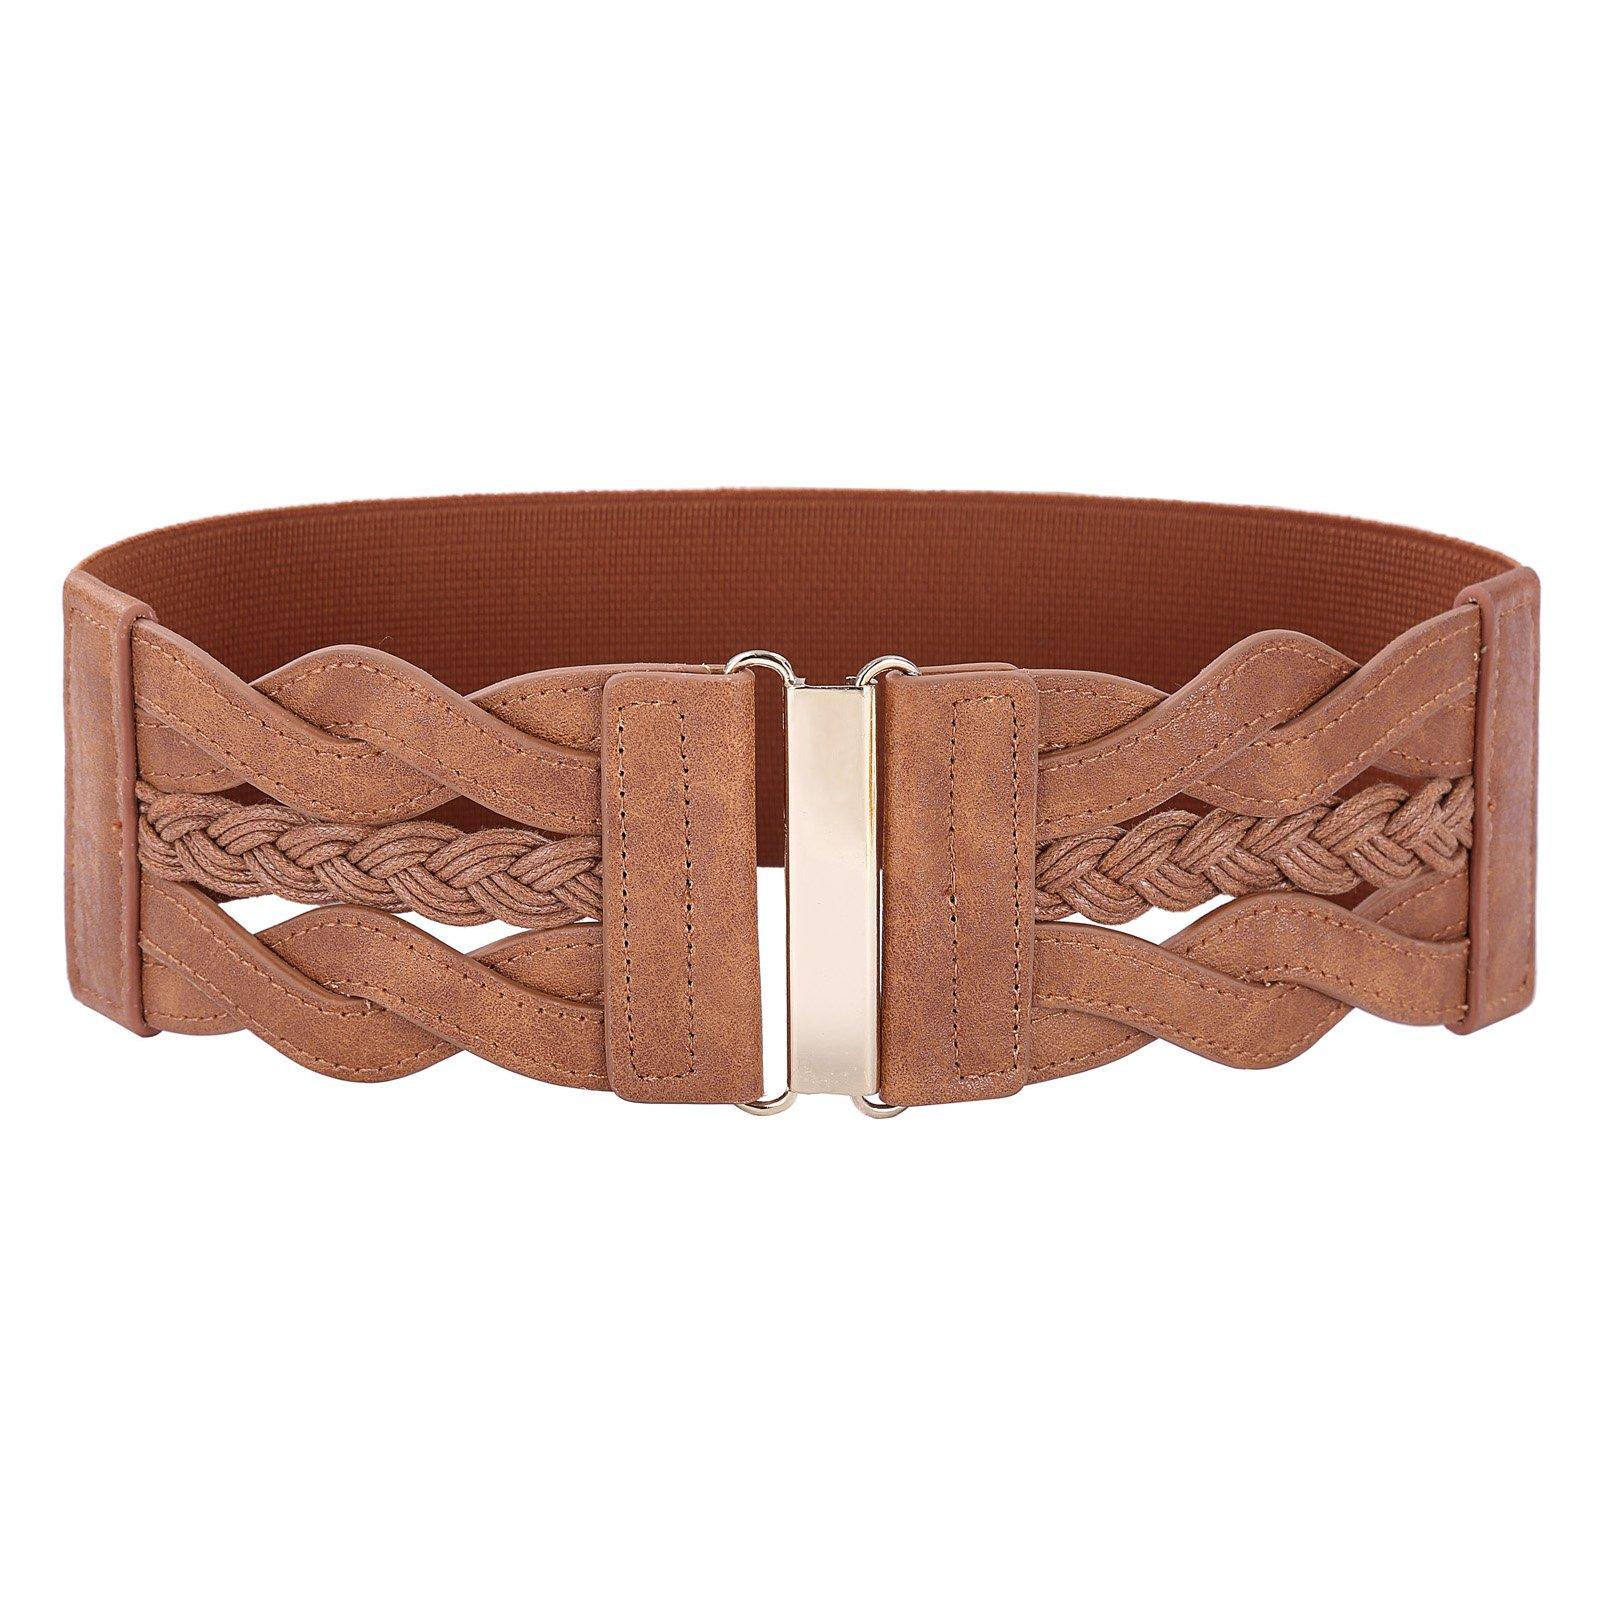 Fashion Wide Belt Braided Leatherette Women Cinch Belt (Brown, M) by PAUL JONES